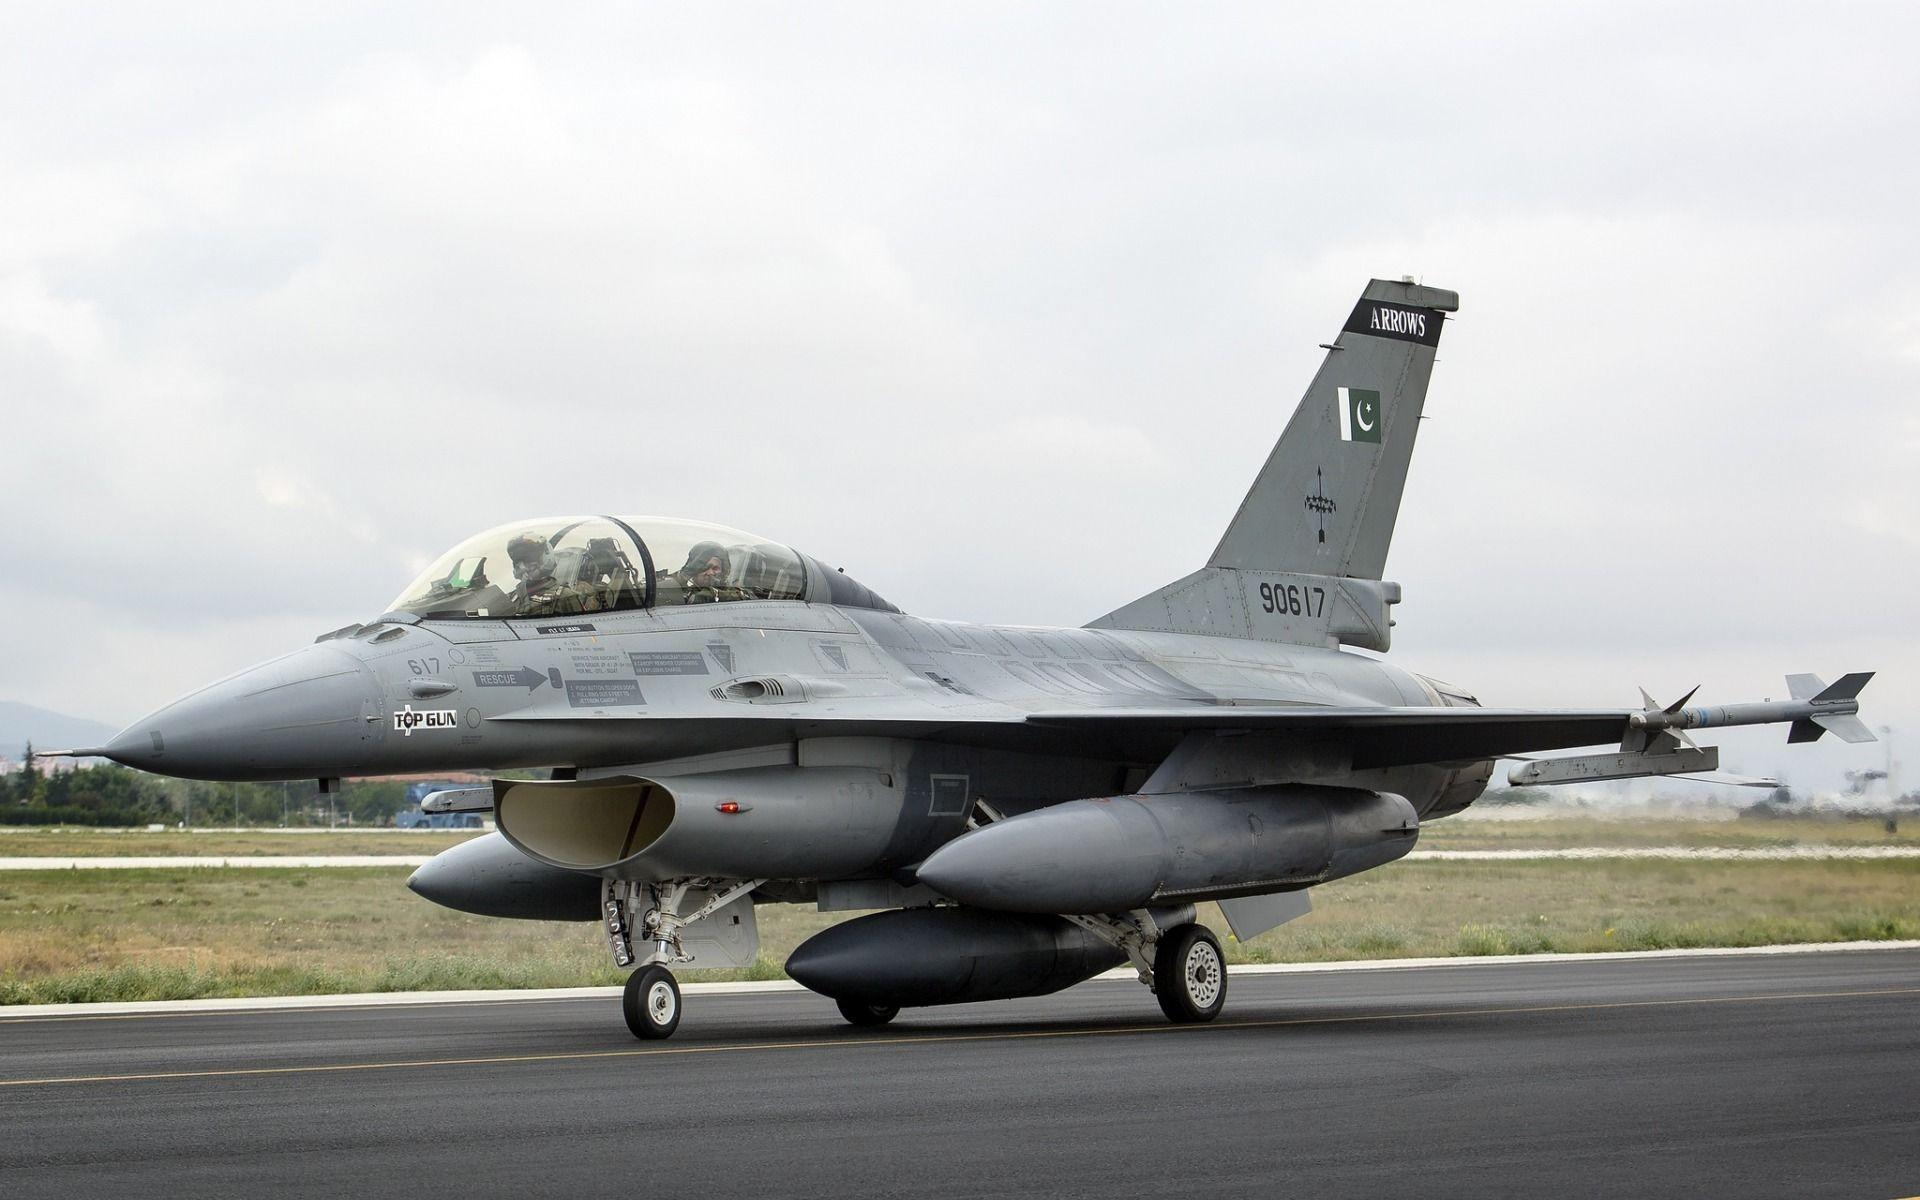 f16歼10 巴基斯坦升级F16,性能远超枭龙战机,歼10出口希望渺茫